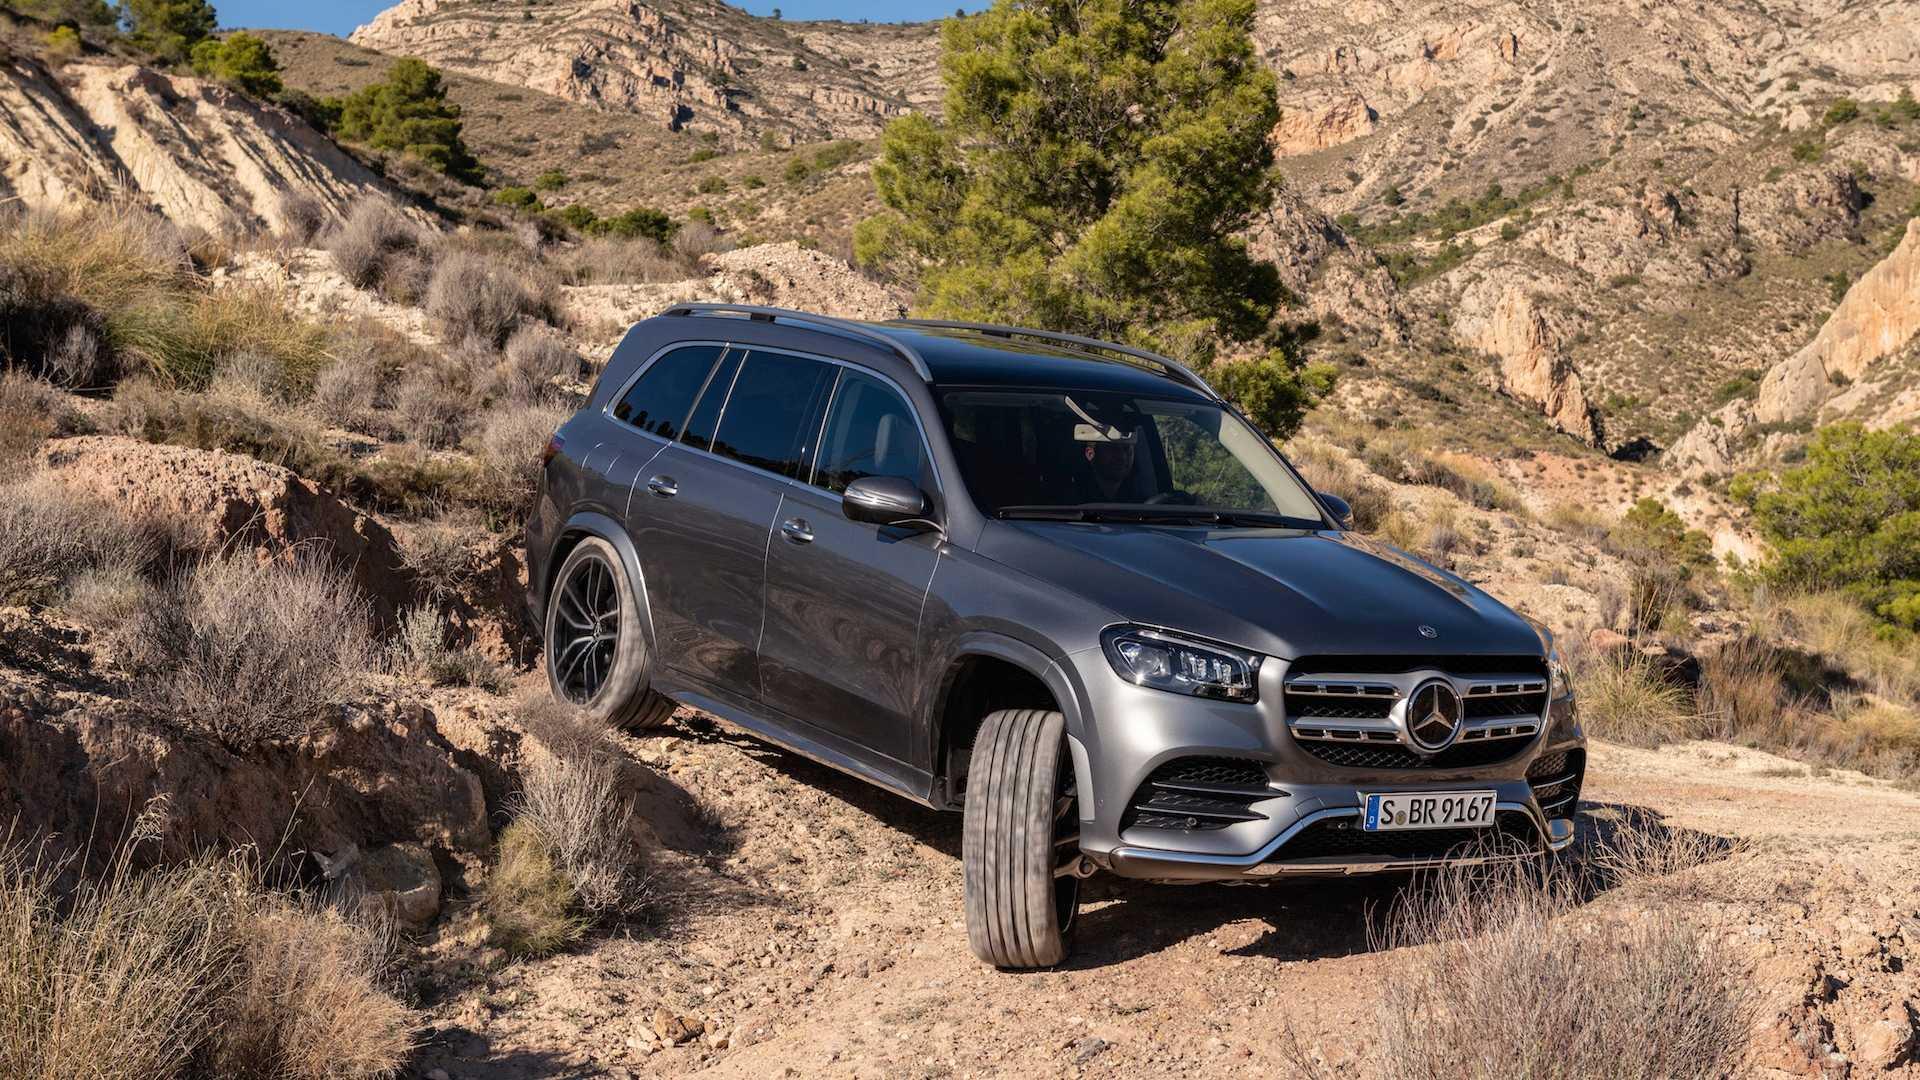 2020 Mercedes – Benz GLS New Engine, Price Updates >> 2020 Mercedes Benz Gls 450 Pricing Starts At 75 200